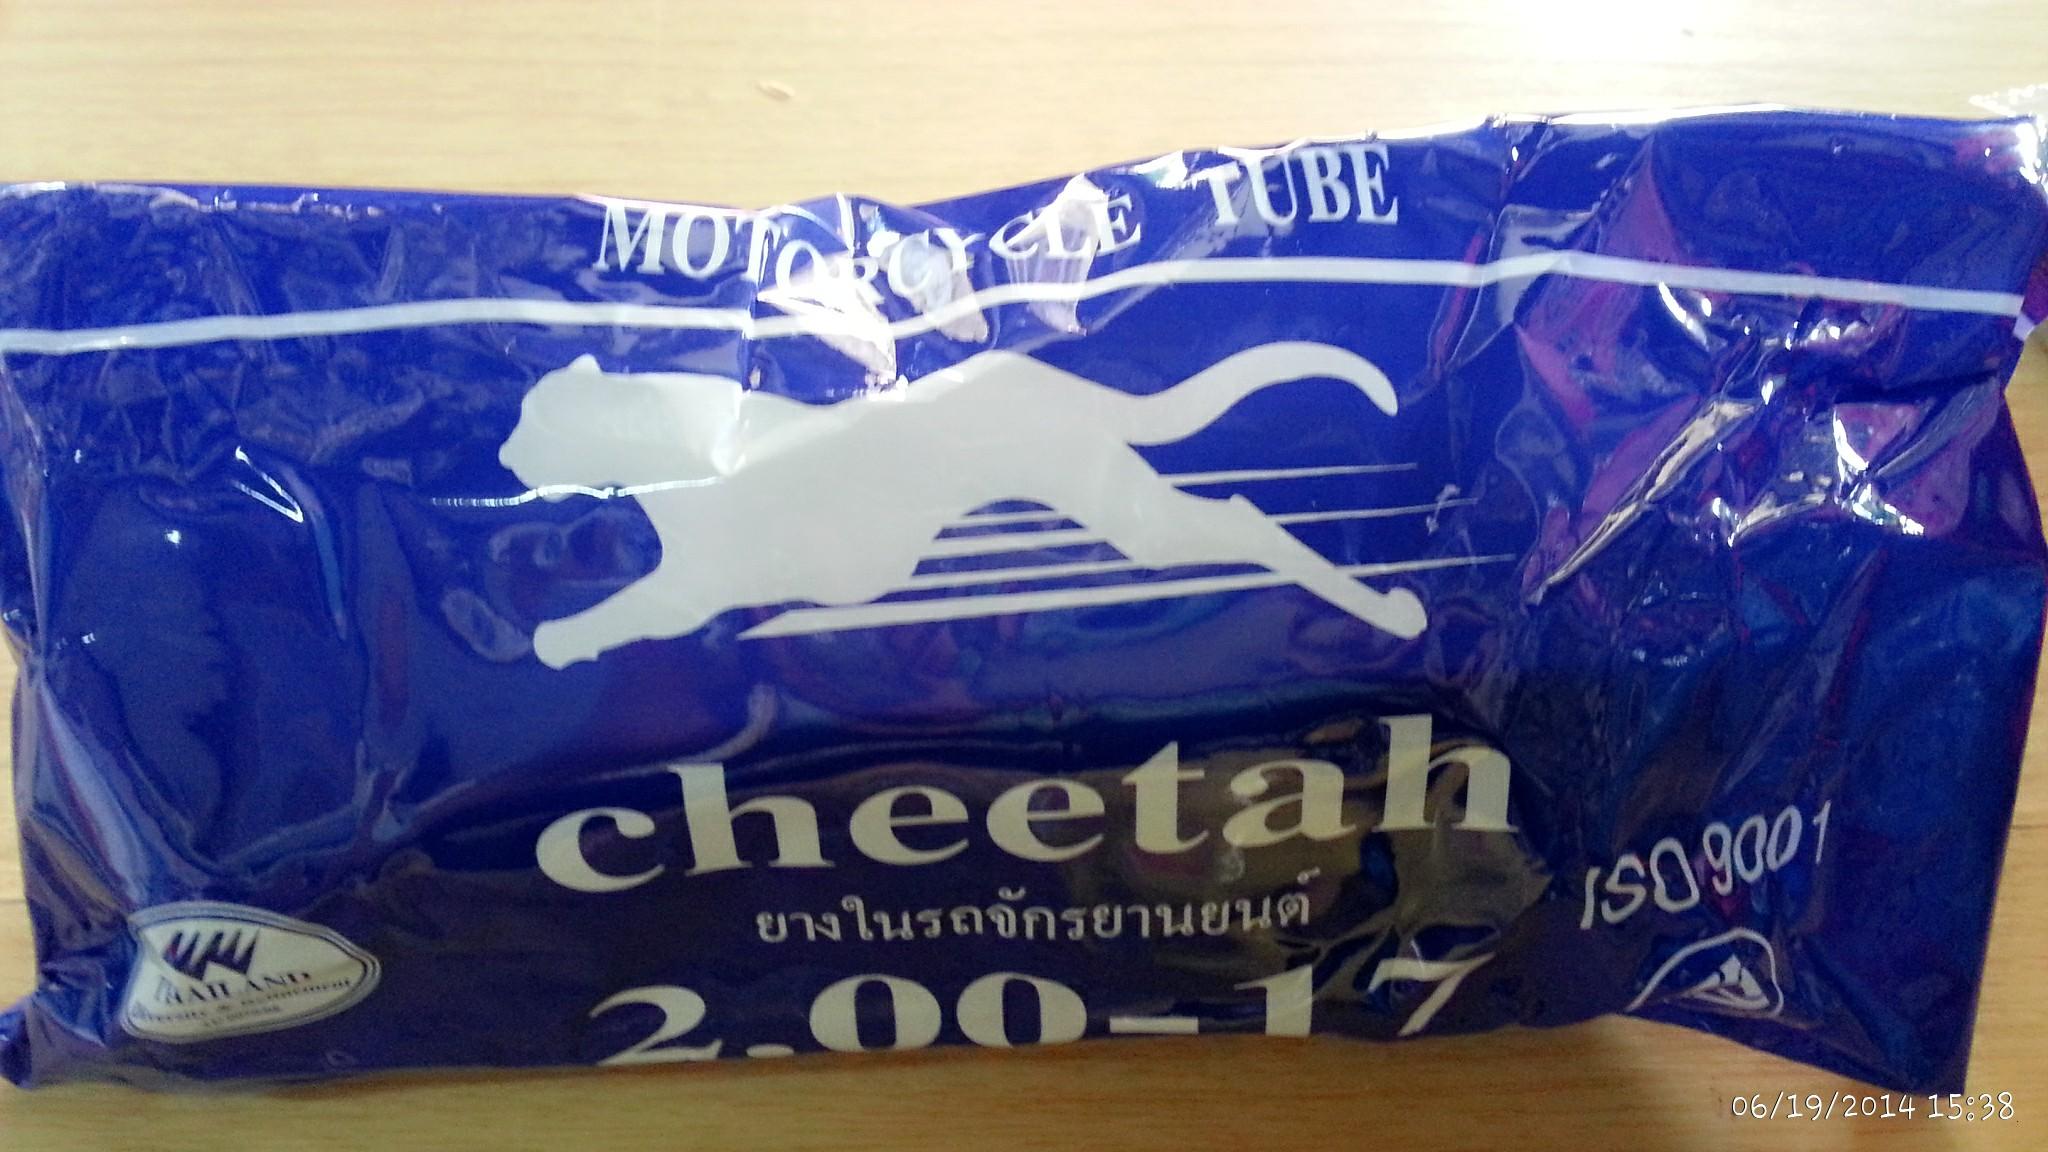 ยางใน 1.85/2.00-17 ชีต้า Cheetah